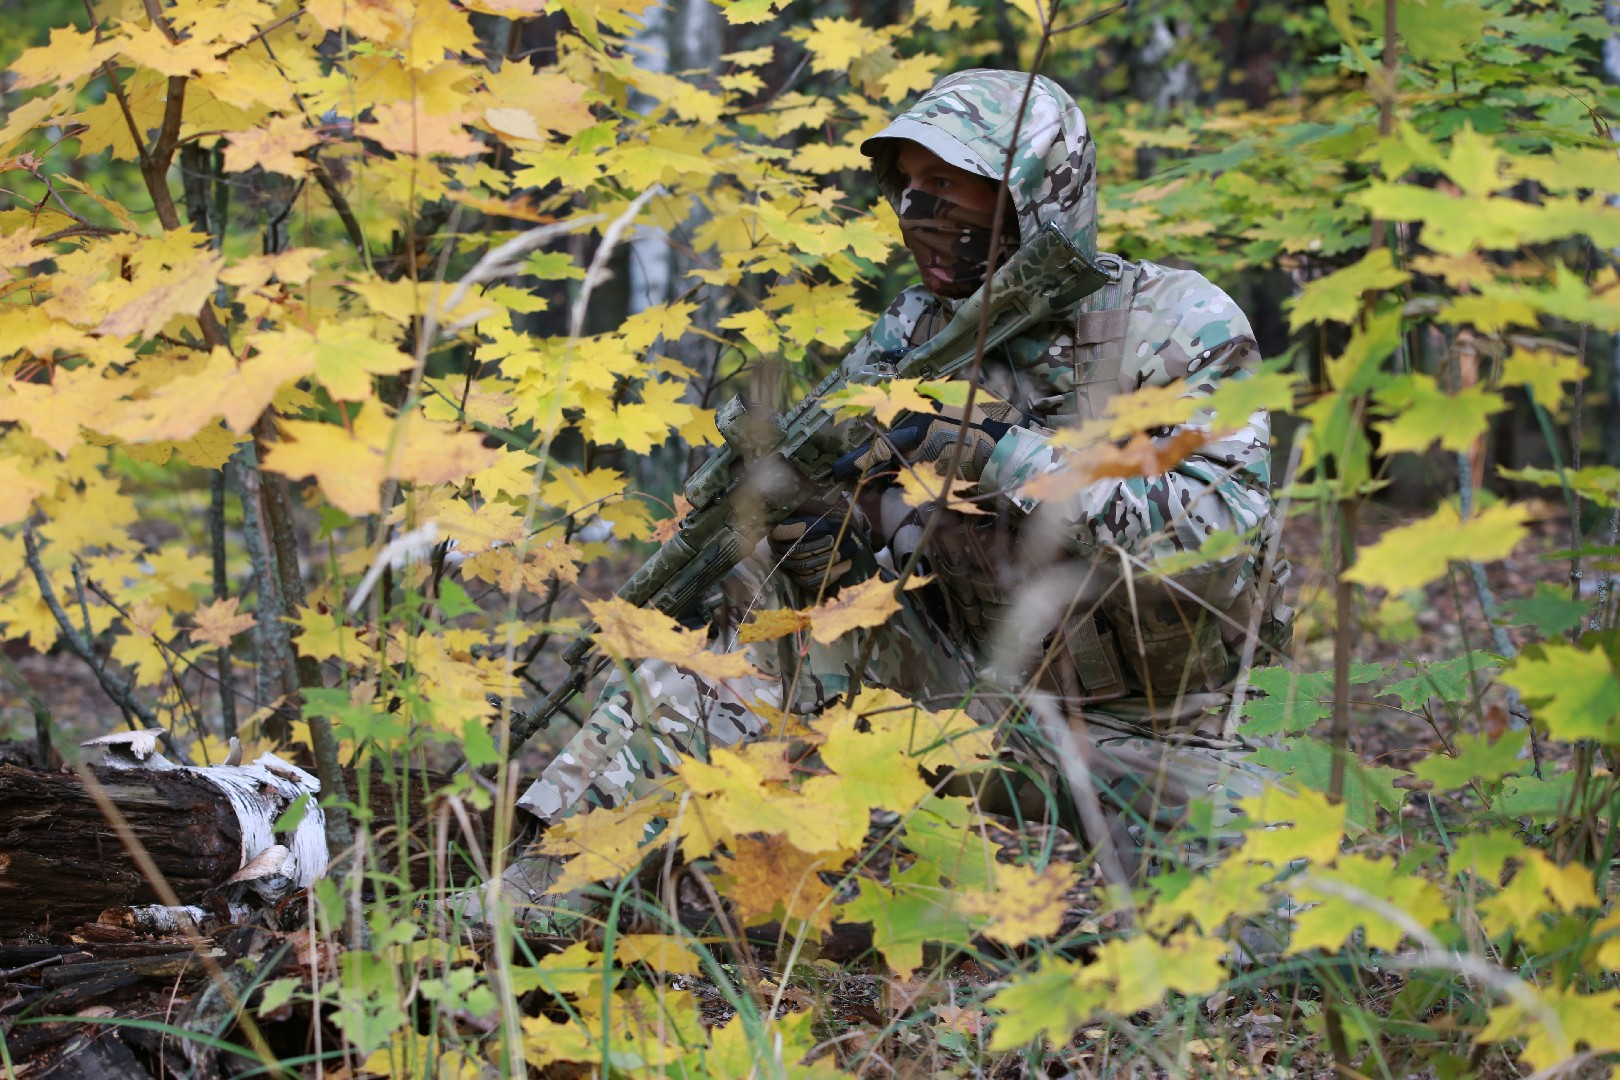 Времена года - экипировка спецназа, ФСБ, погранотрядов.